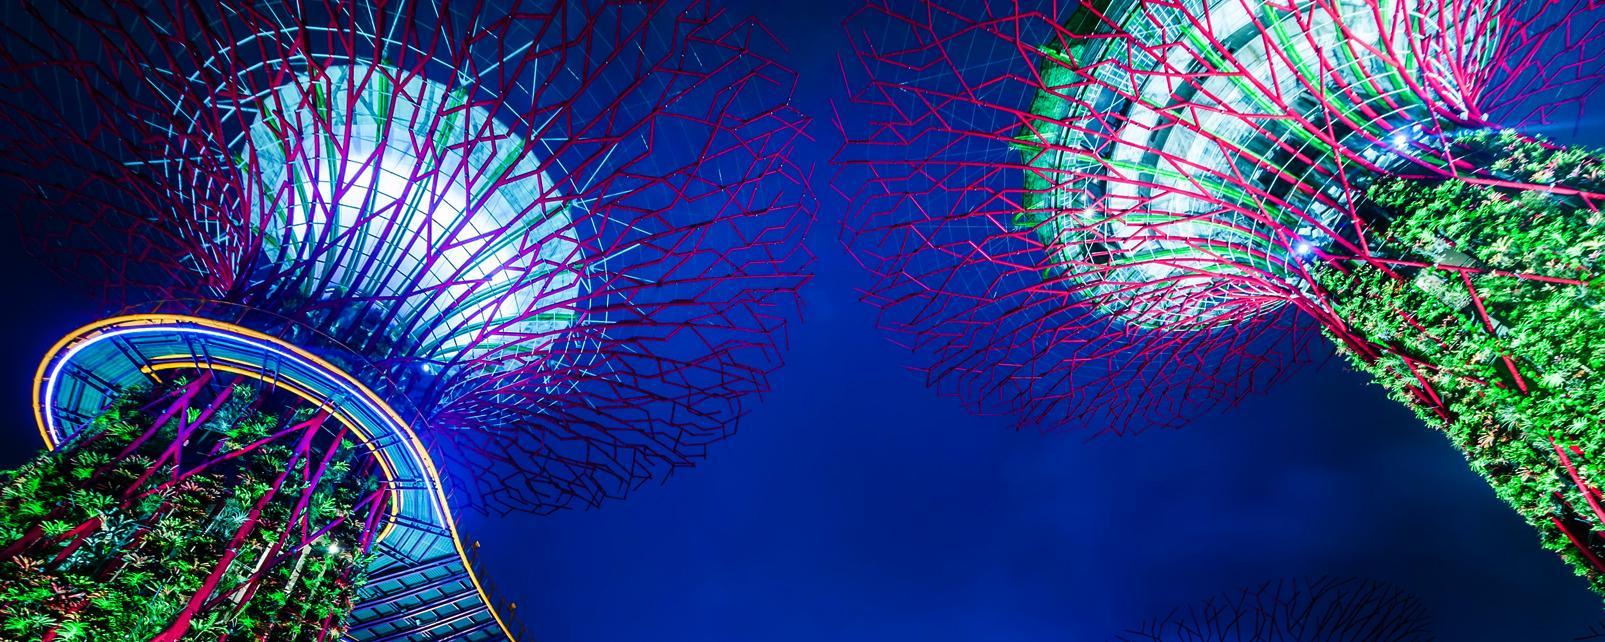 Asie, Singapour, Parc, Gardens by the Bay, arbre, hôtel,